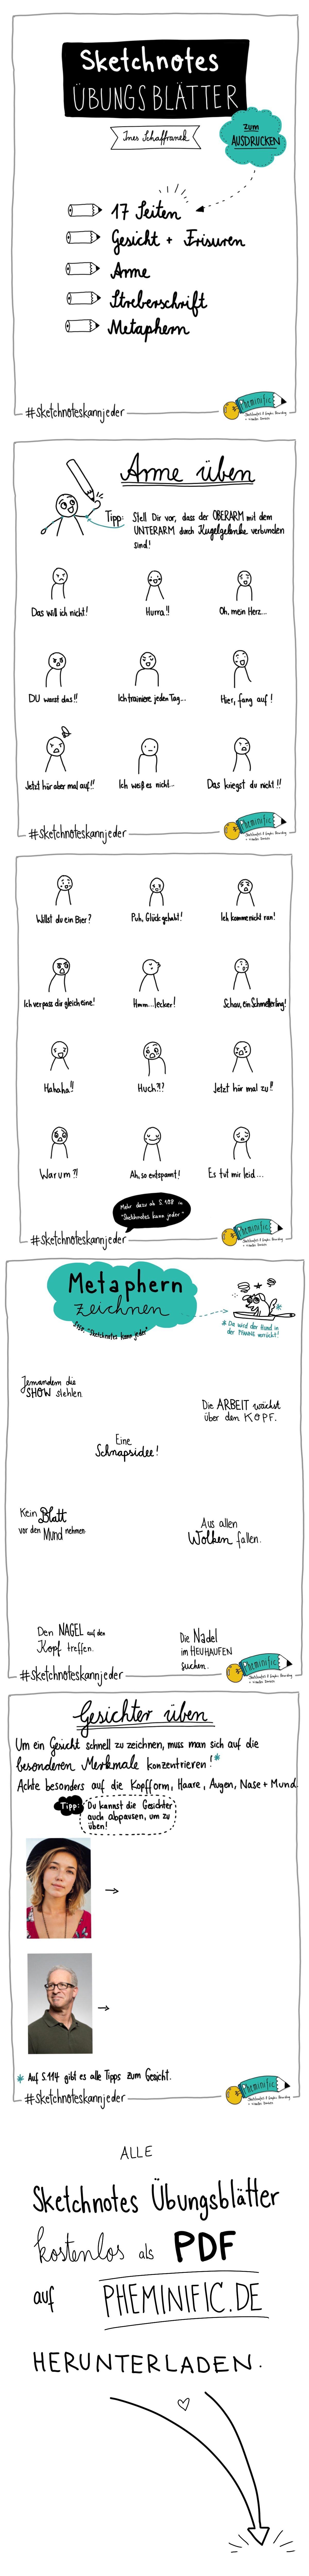 Sketchnotes Ubungsblatter Von Ines Schaffranek Auf Pheminific De Ausdrucken Und Loskritzeln Skizze Notizen Anleitungen Ubungsblatt